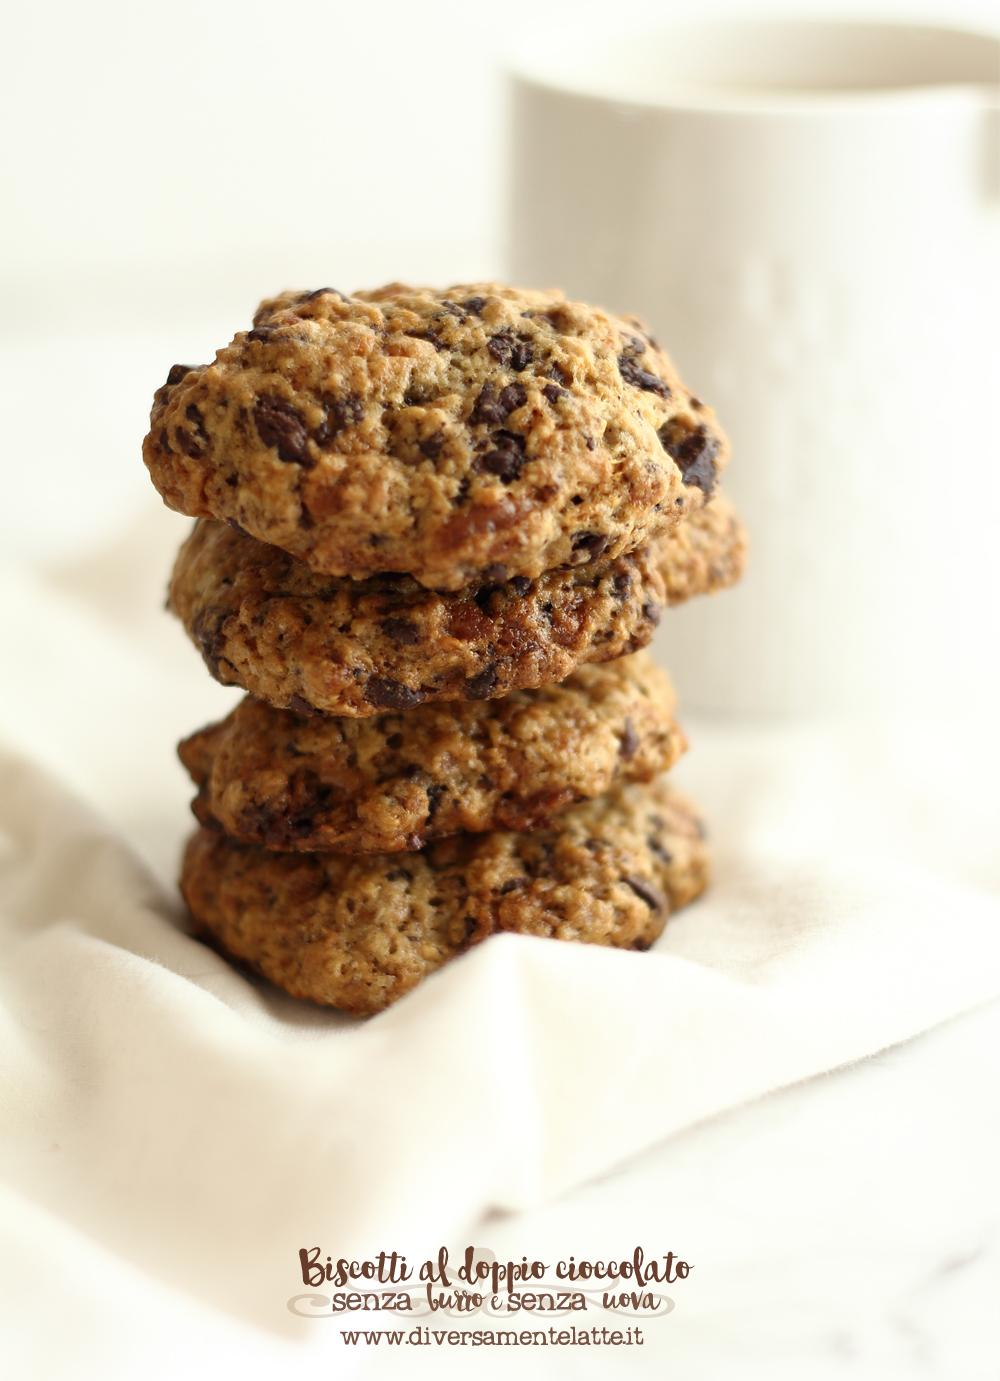 biscotti al doppio cioccolato senza burro e uova